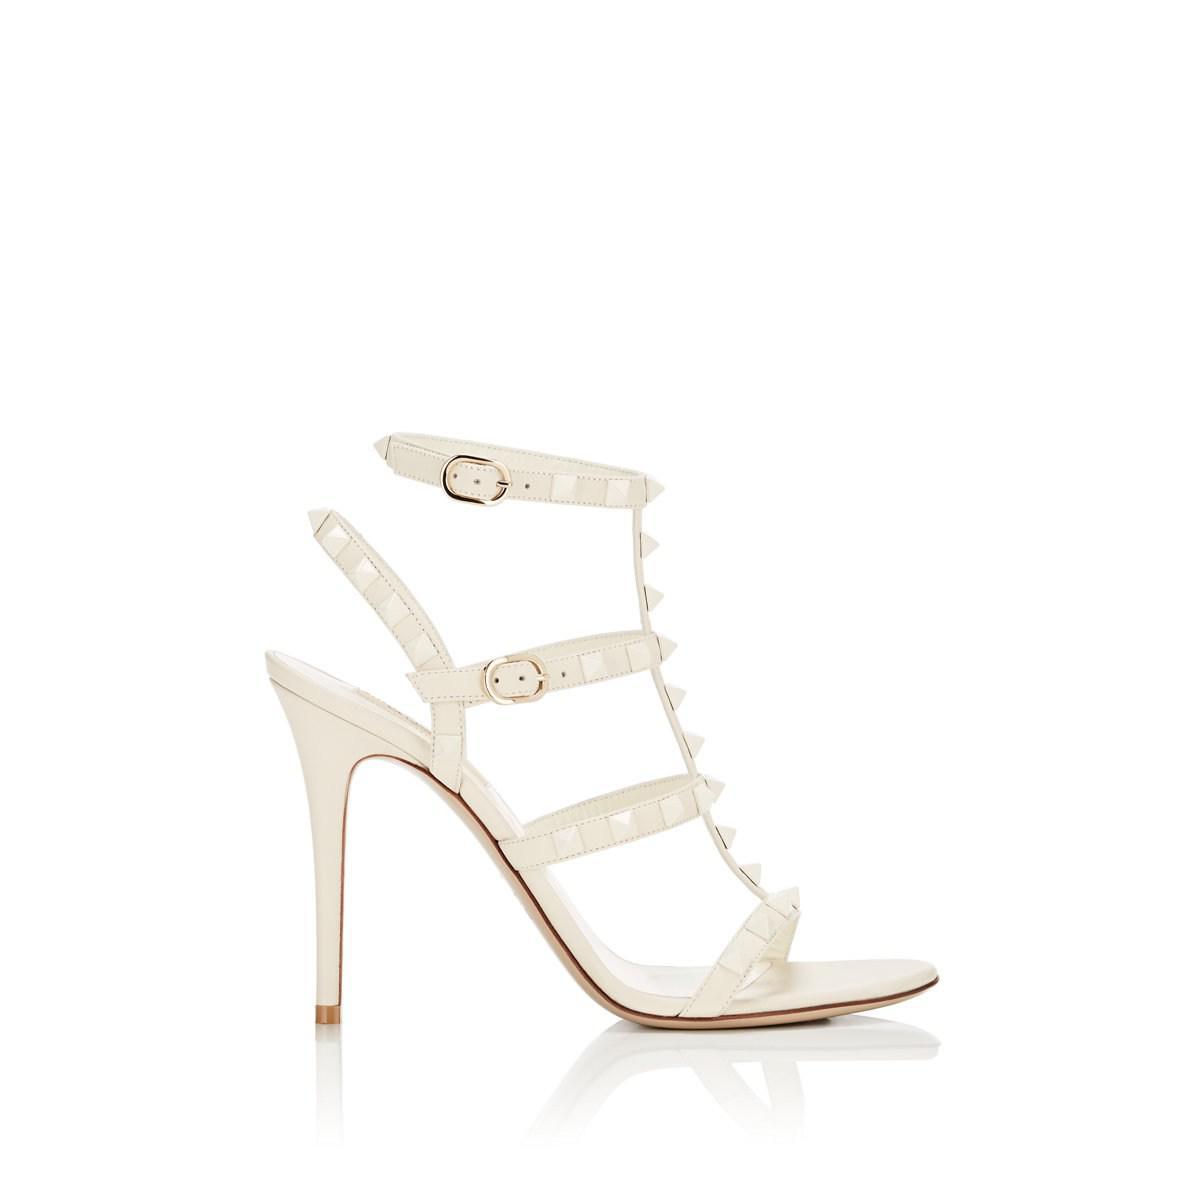 6771a13db855 Lyst - Valentino Off-white Garavani Rockstud Sandals in White